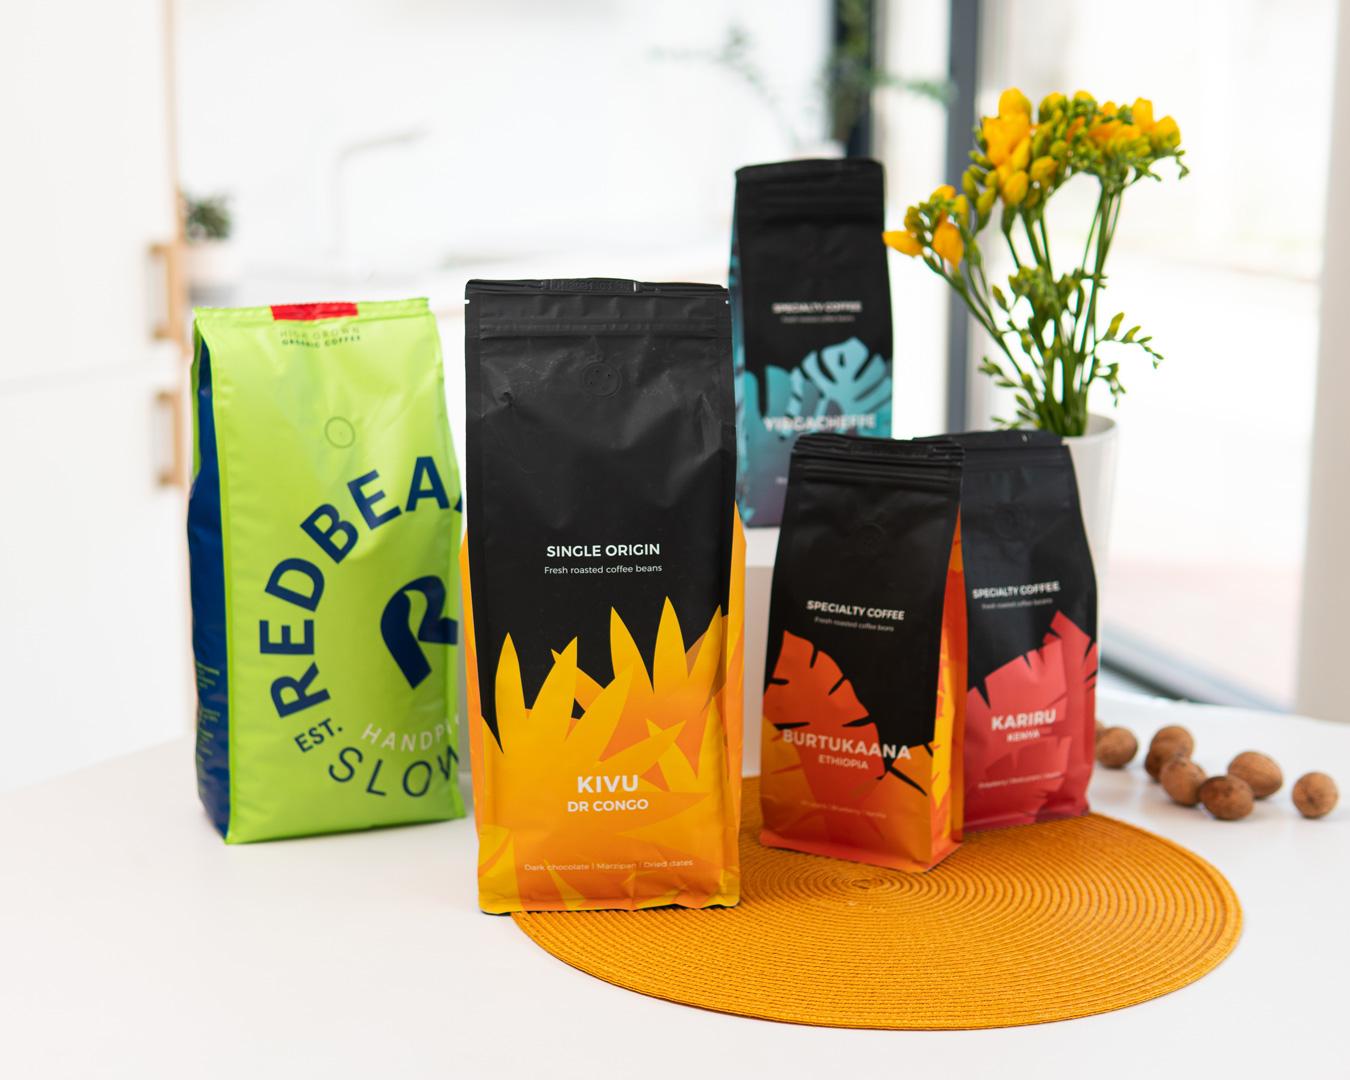 Lass uns nach Afrika für eine Tasse Kaffee reisen!